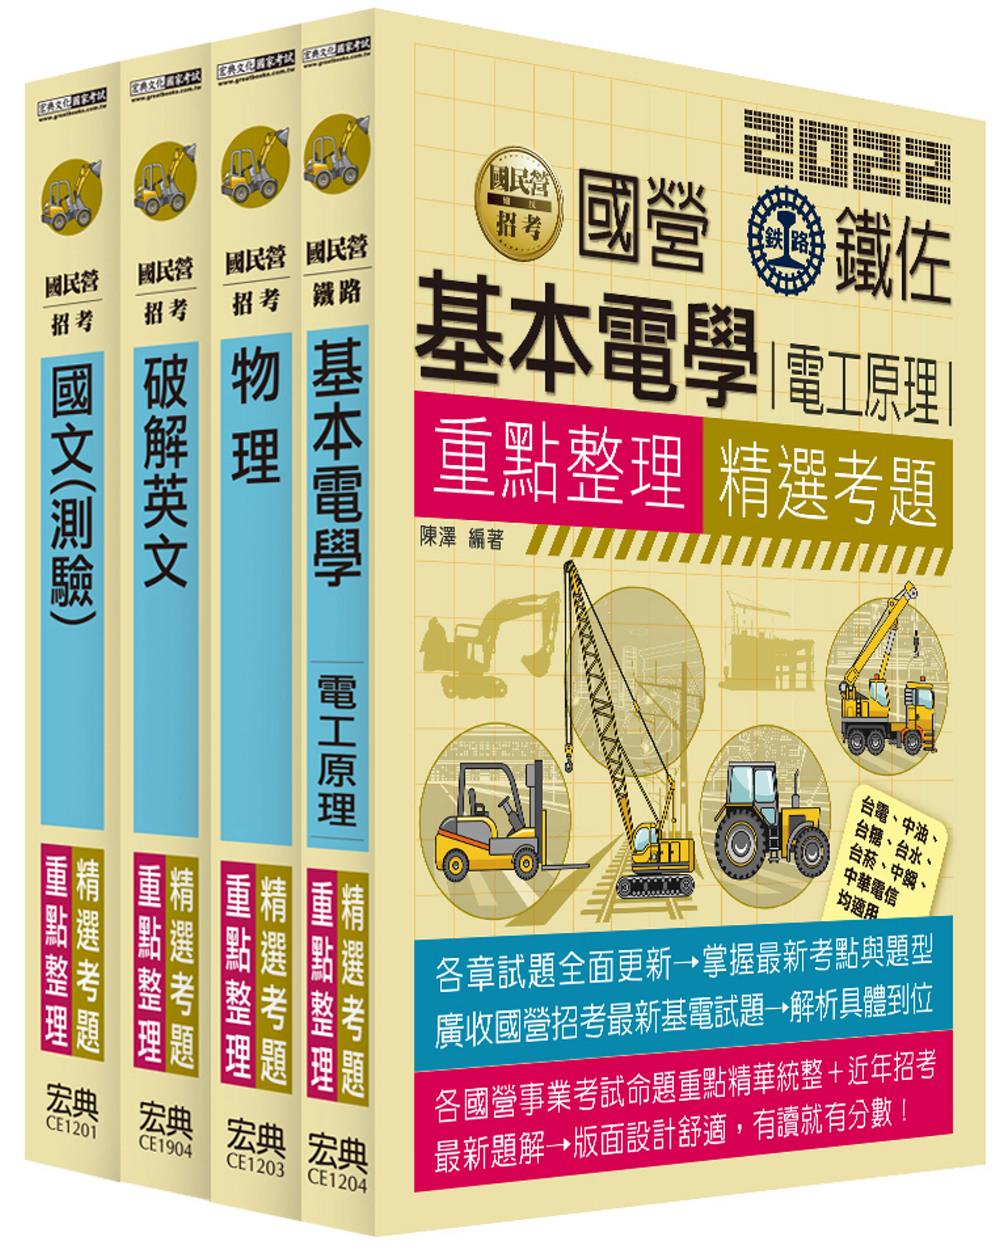 【全新重點+題庫詳解】台電新進僱員甄試:「配電線路維護類」專用套書